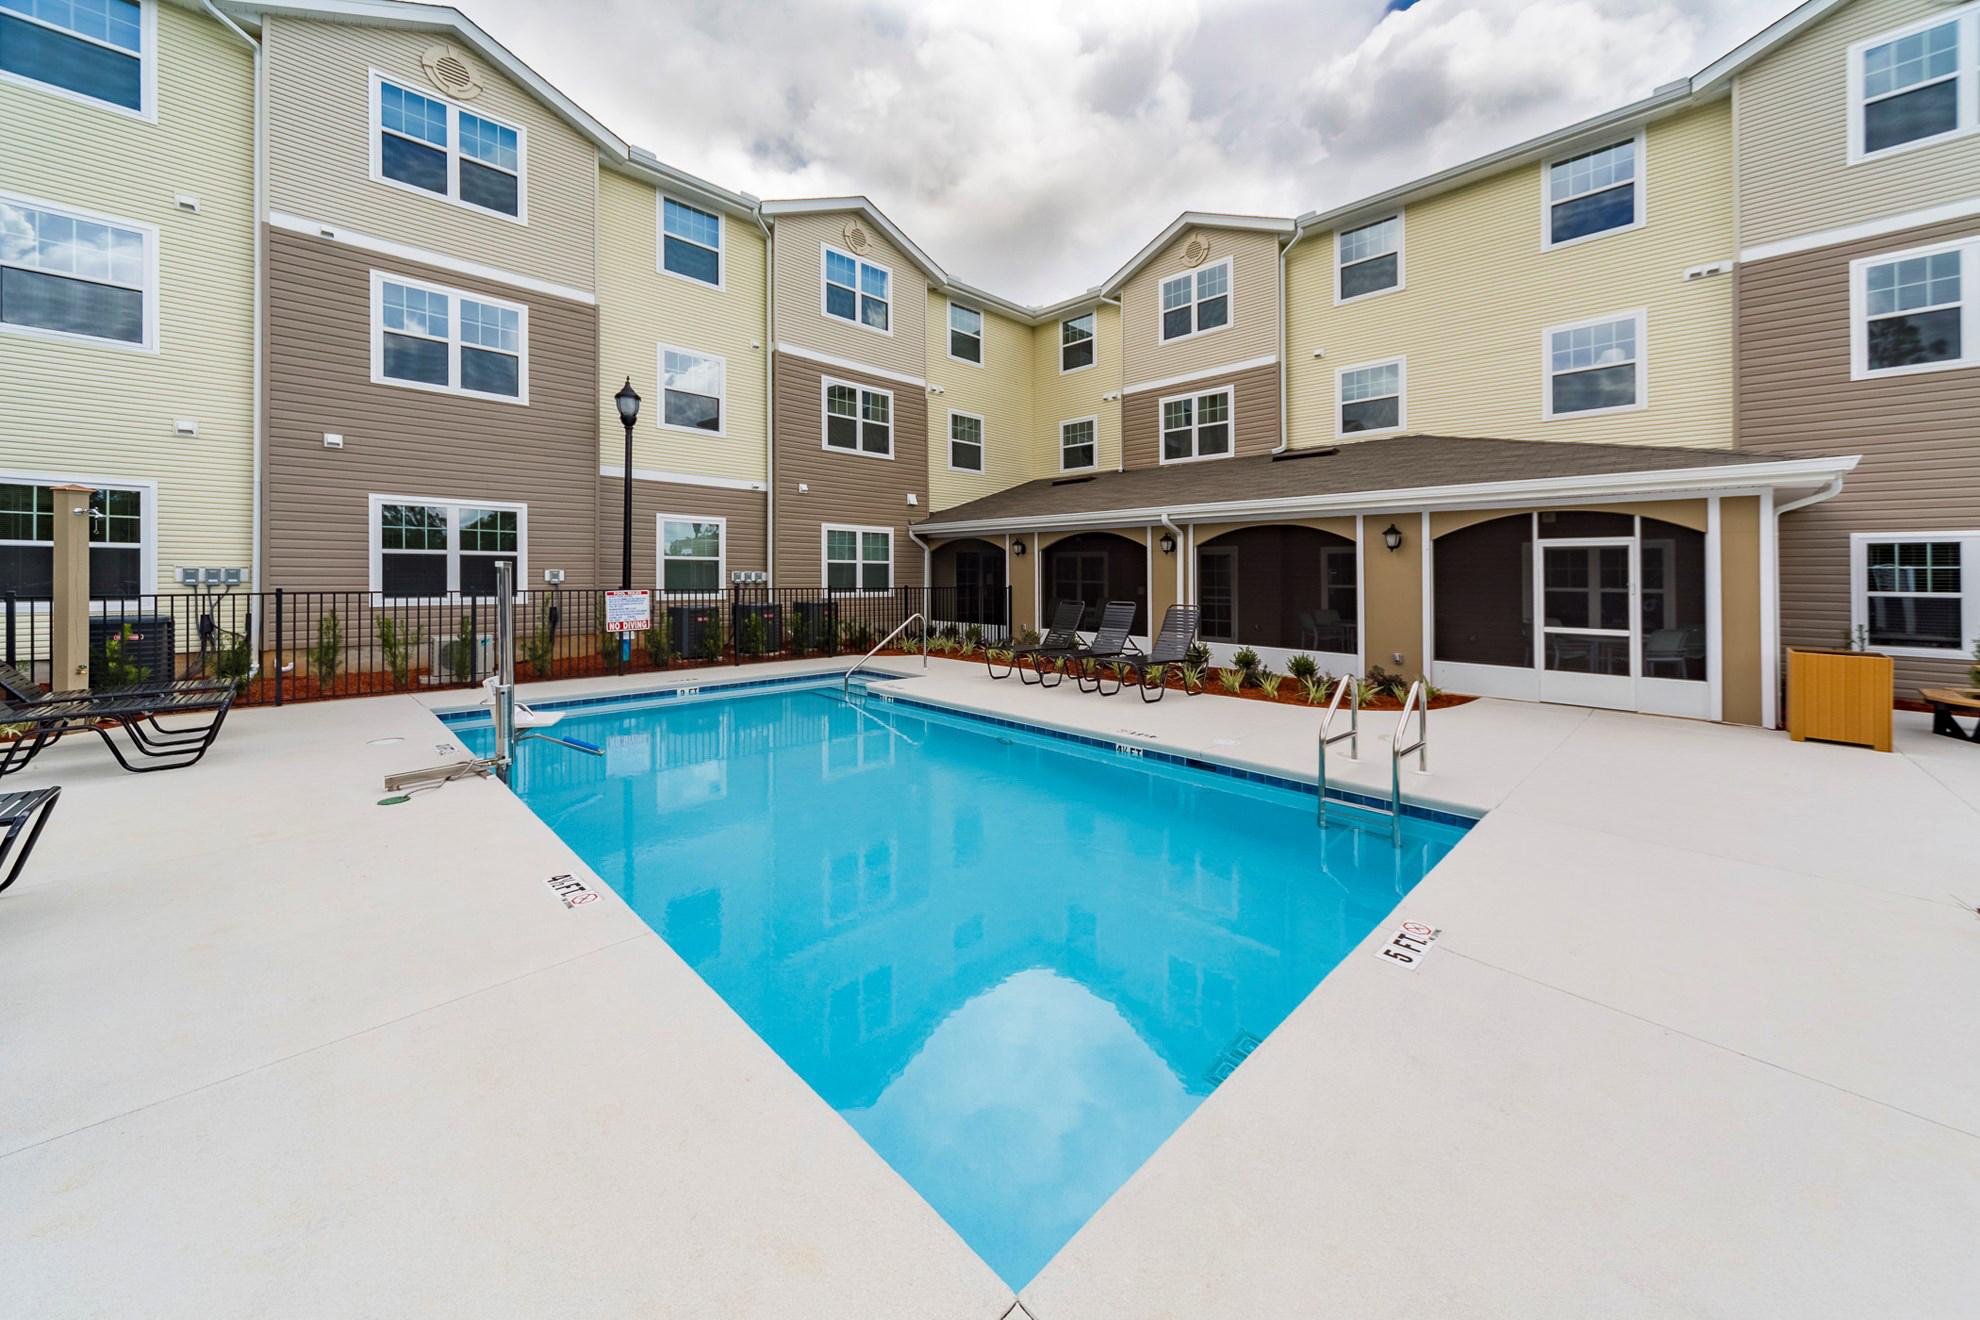 Senior living facility pool area